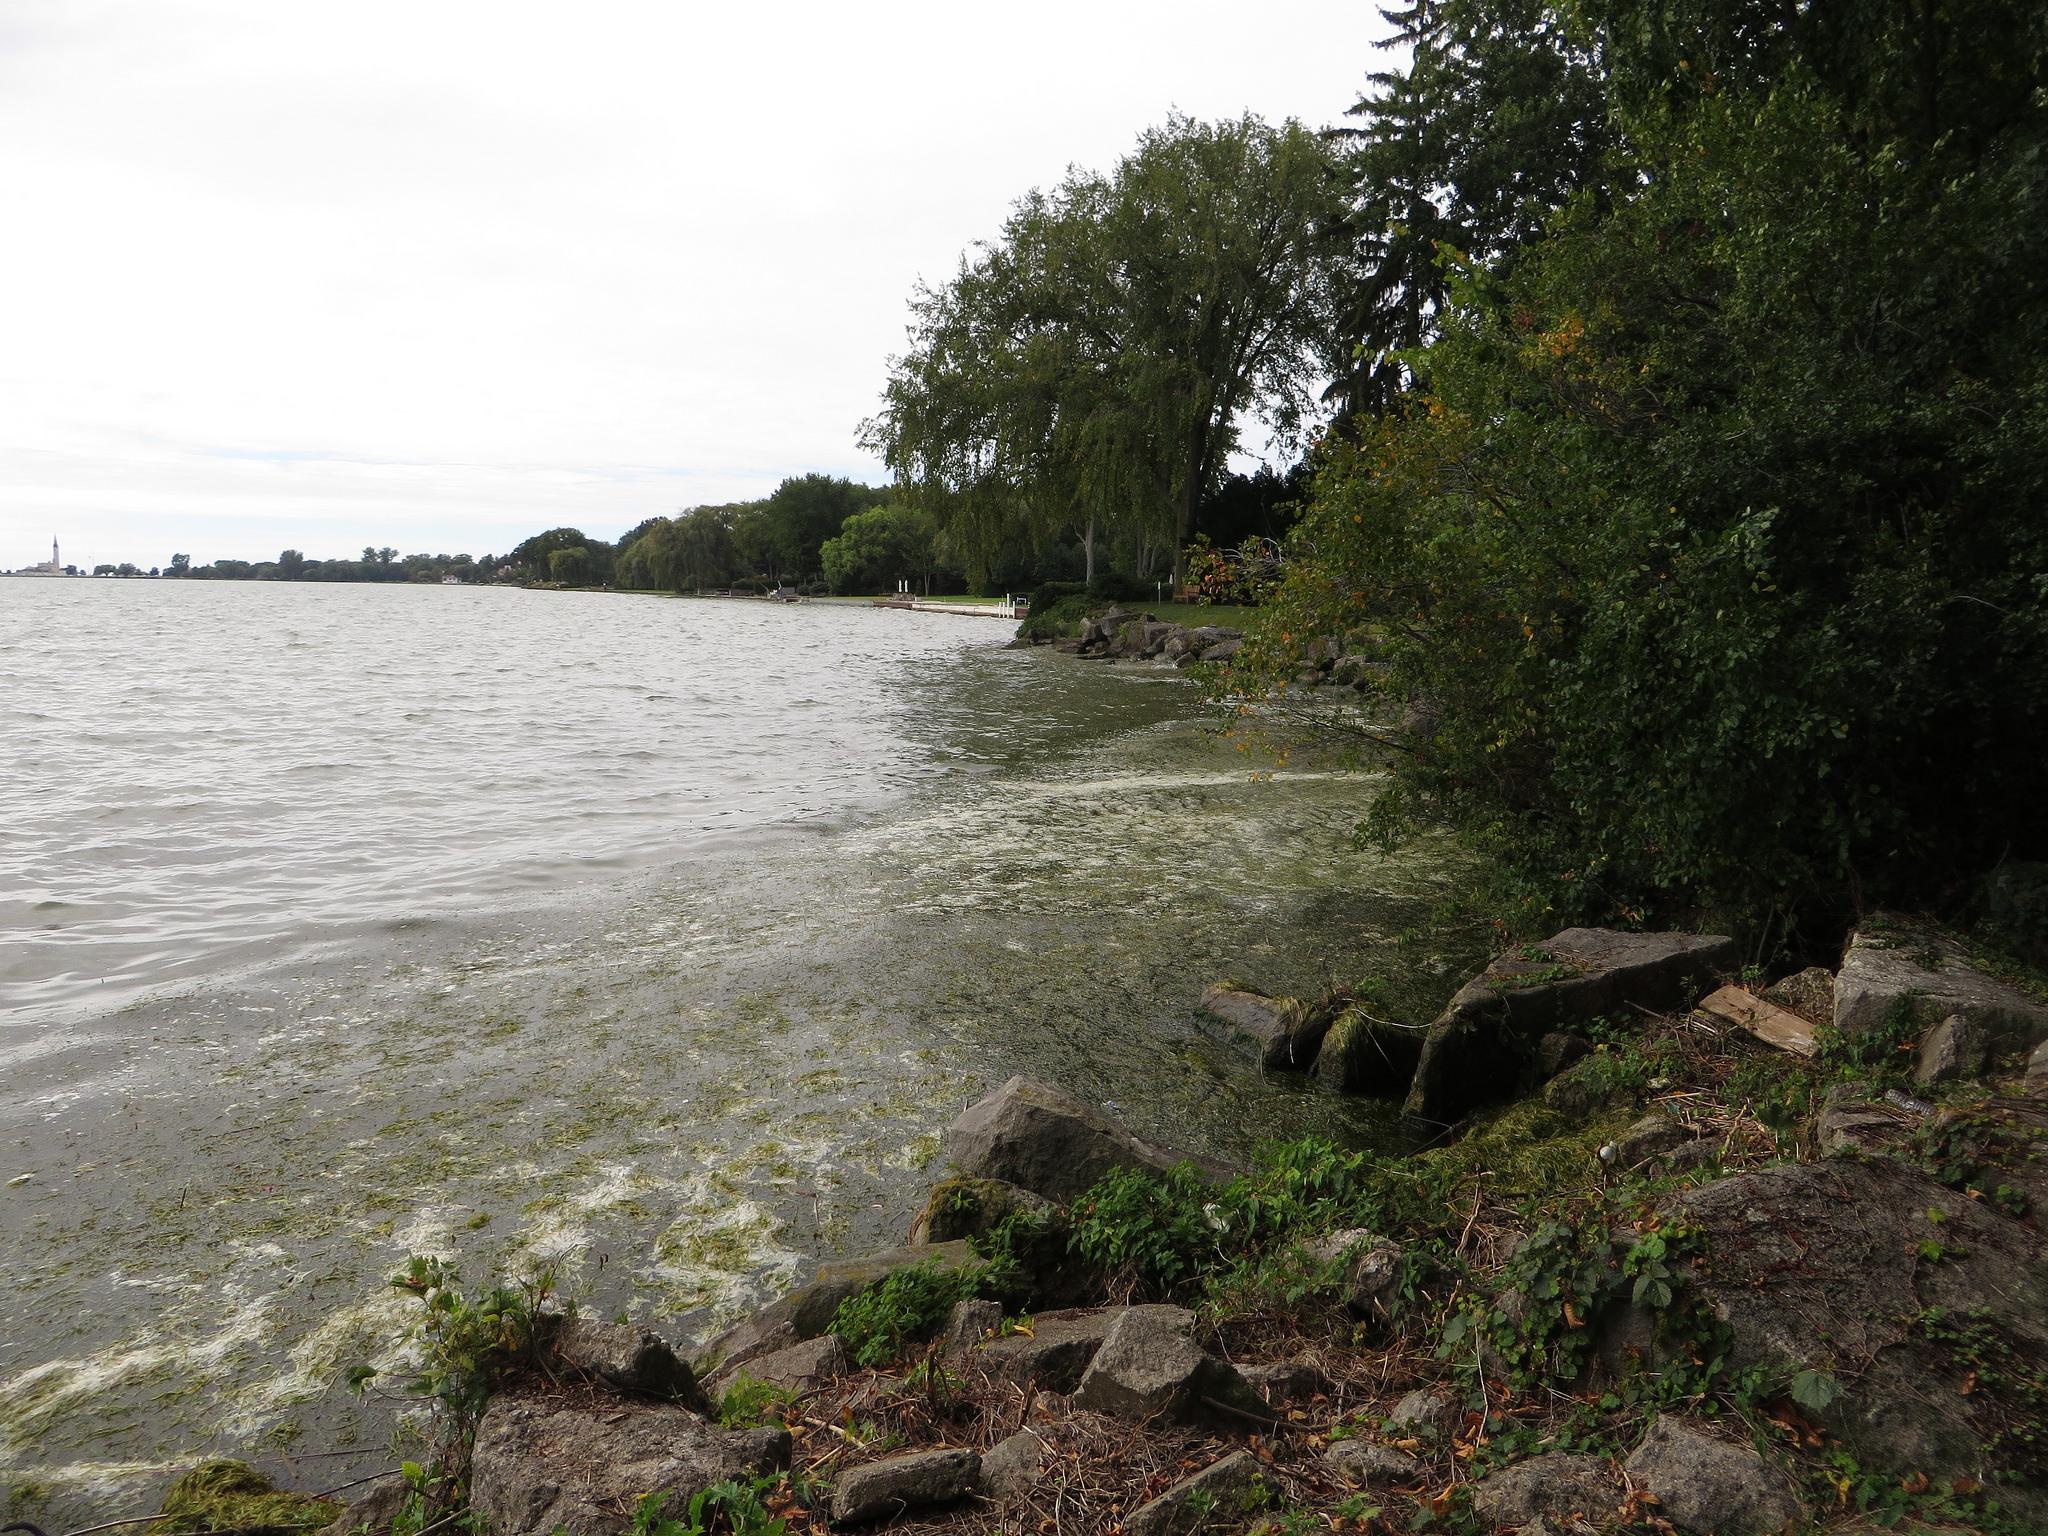 Lac St. Clair